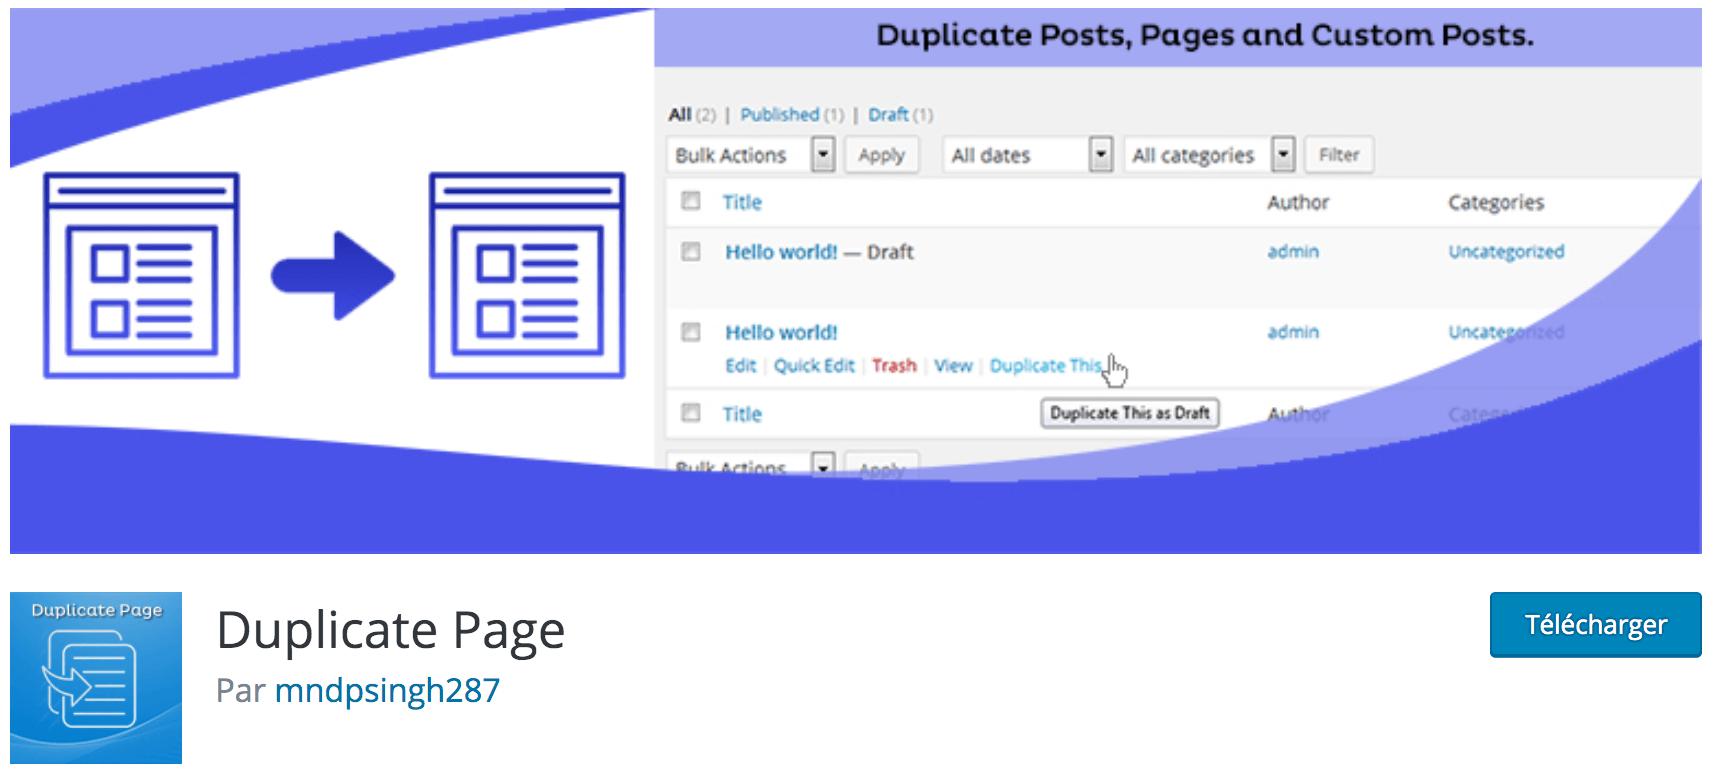 Notre avis sur Duplicate Page meilleur plugin WP gratuit pour créer des copies de vos articles, pages, etc.